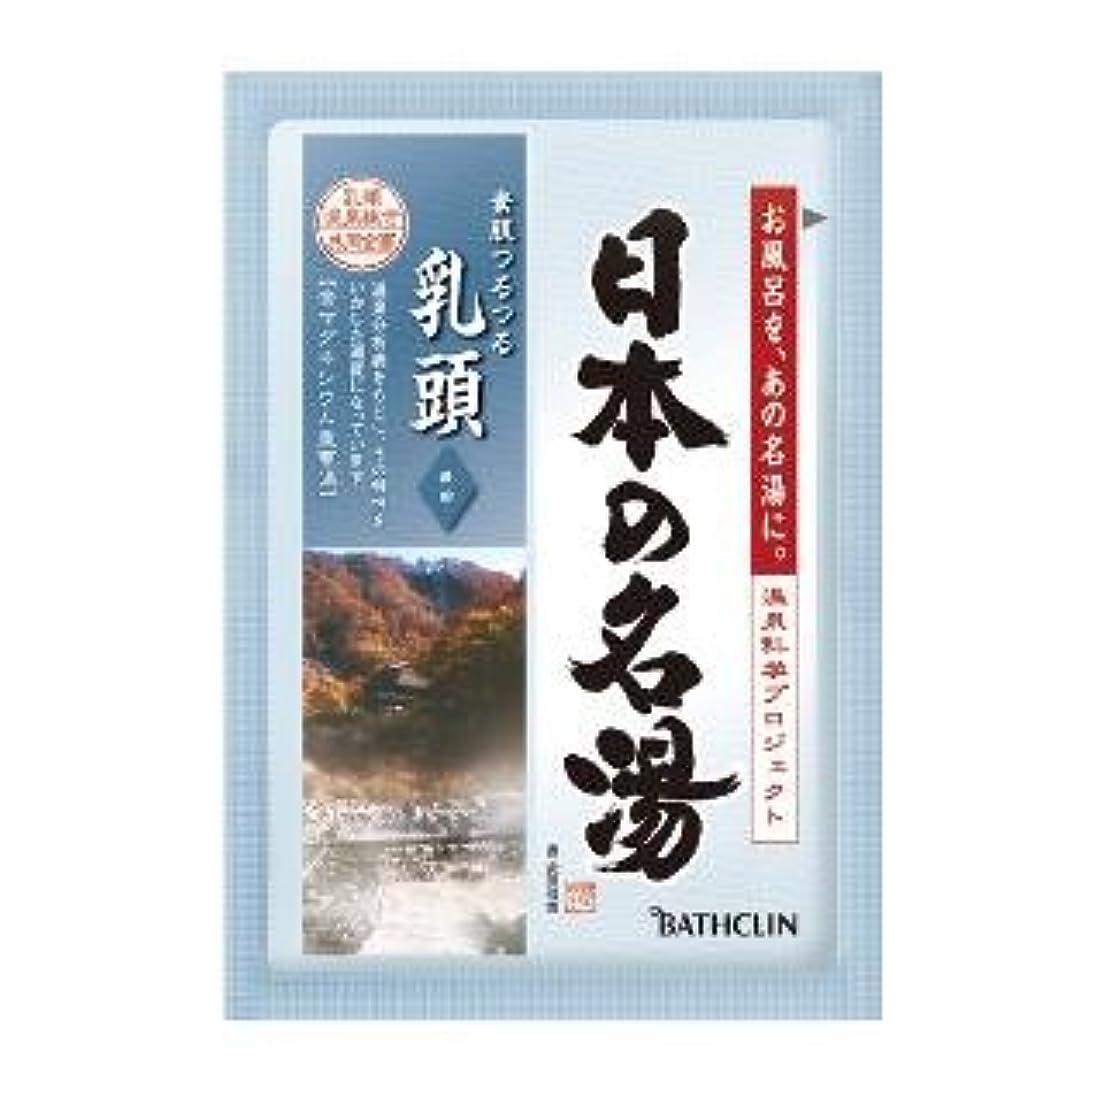 ずんぐりしたビリー冷酷なバスクリン 日本の名湯 乳頭 1包×120点セット (4548514134997)